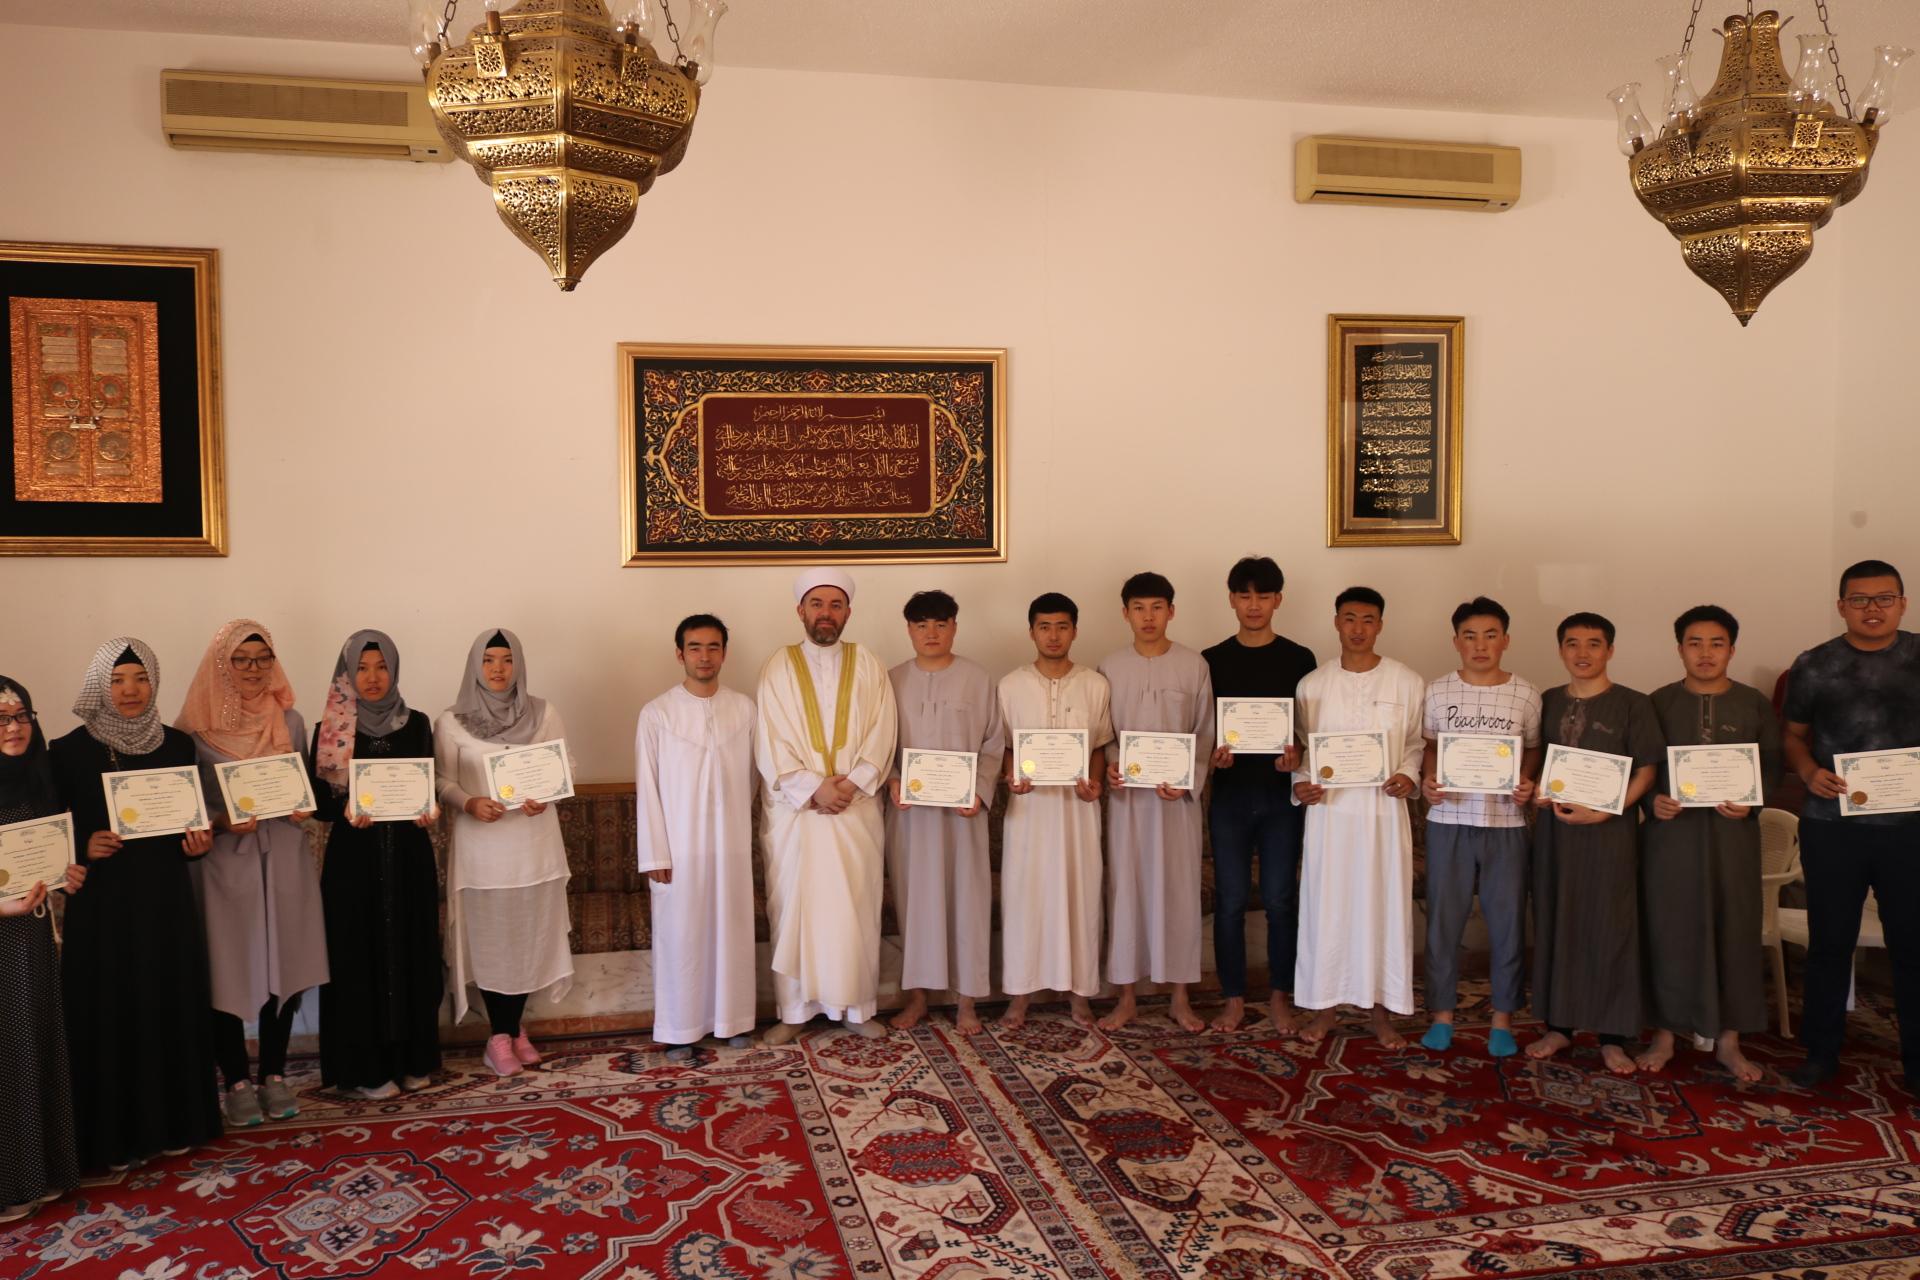 رئيس جامعة طرابلس يوزع شهادات إنهاء مستويات اللغة العربية للطلاب الصينيين (2/3)